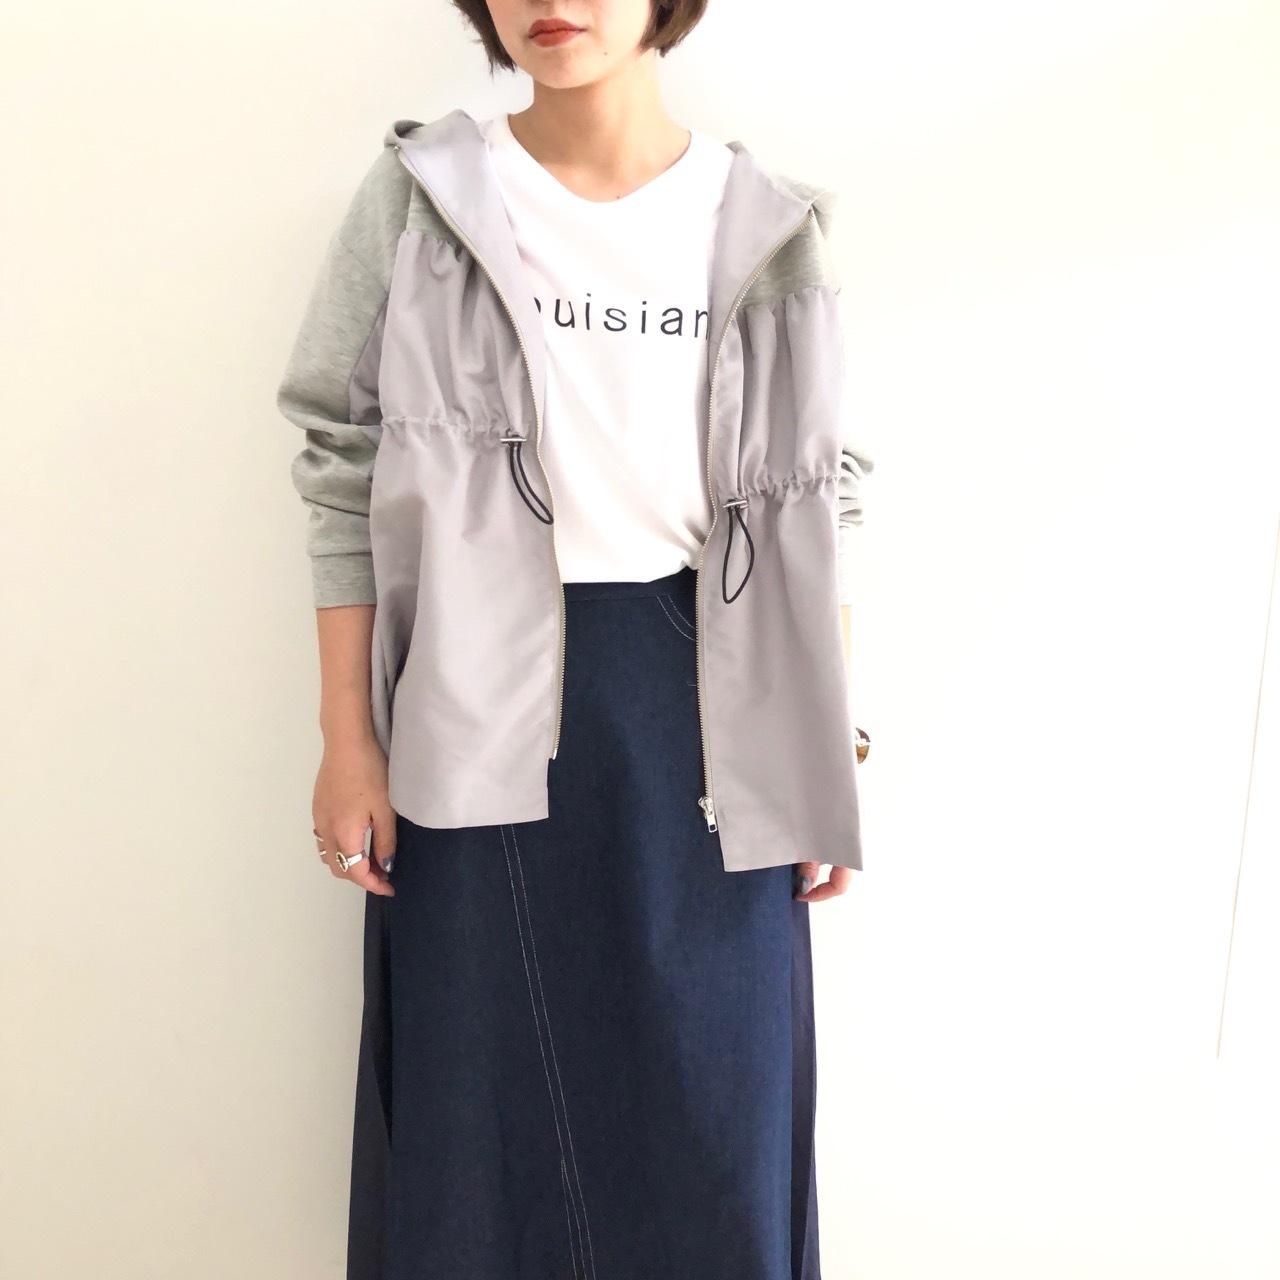 【 ROSIEE 】- 172704 - ナイロン切り替えZIPフーディーJKT